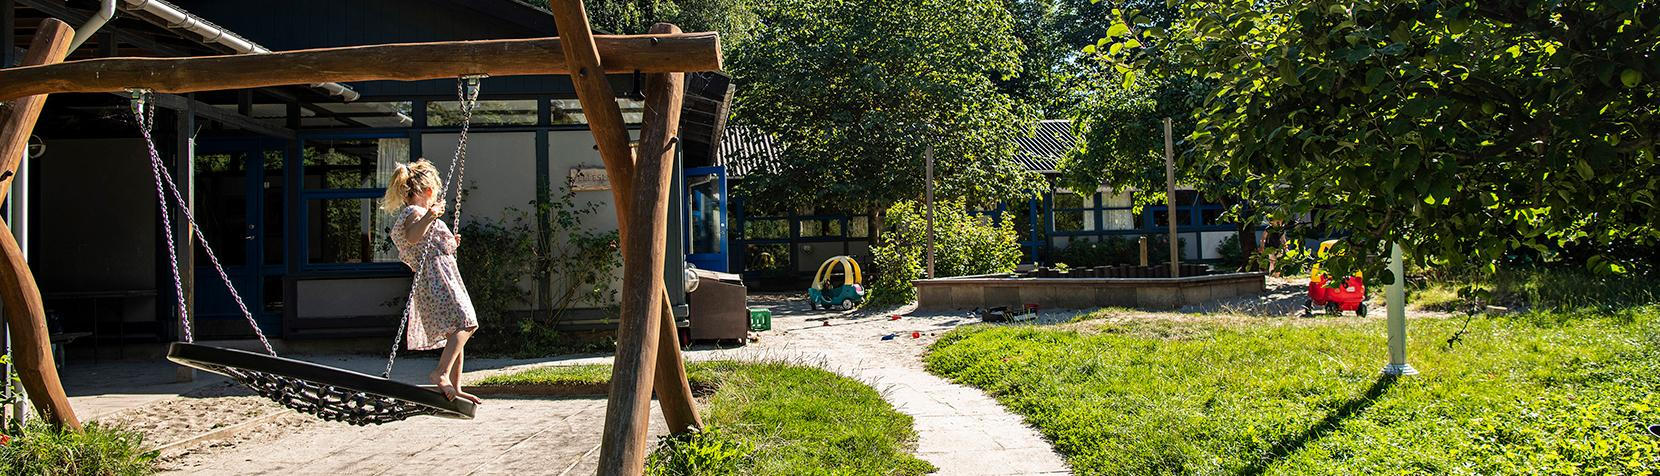 Pige gynger foran Børnehuset Ellesletten